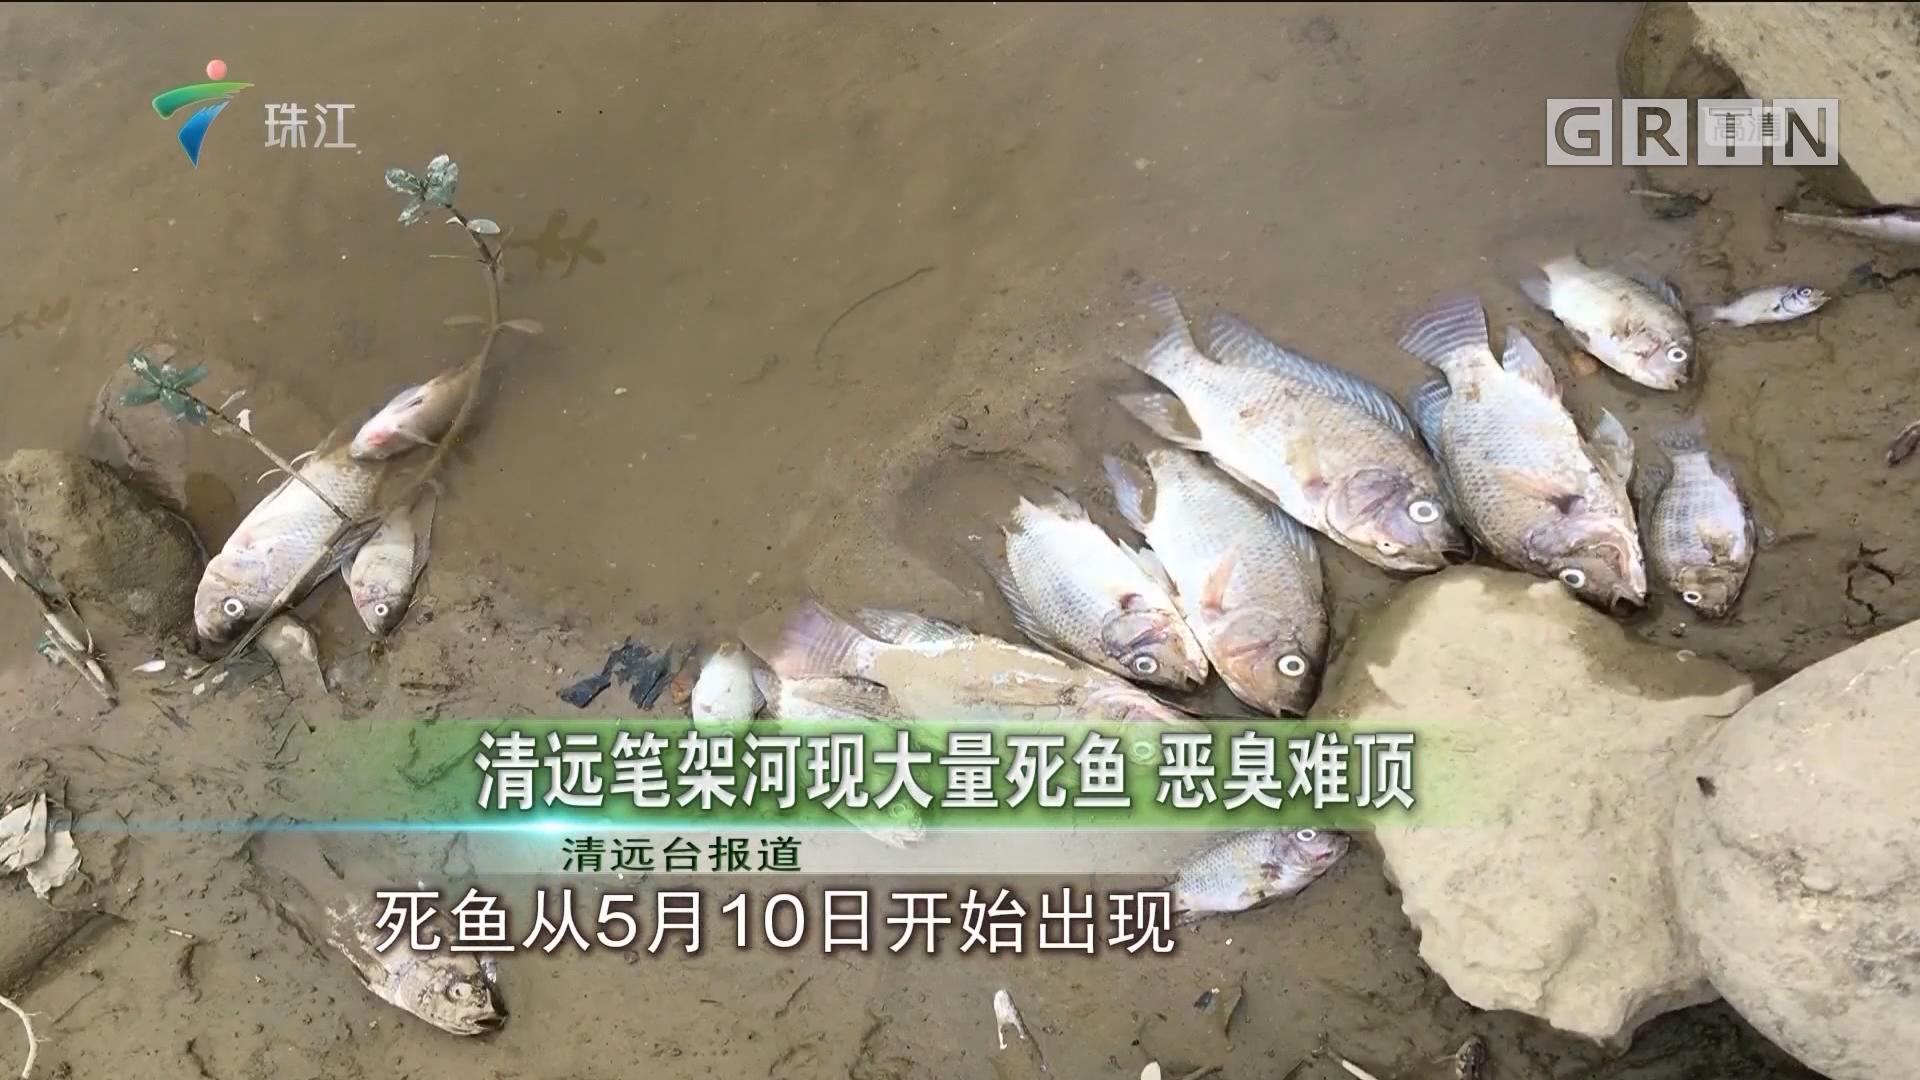 清远笔架河现大量死鱼 恶臭难顶